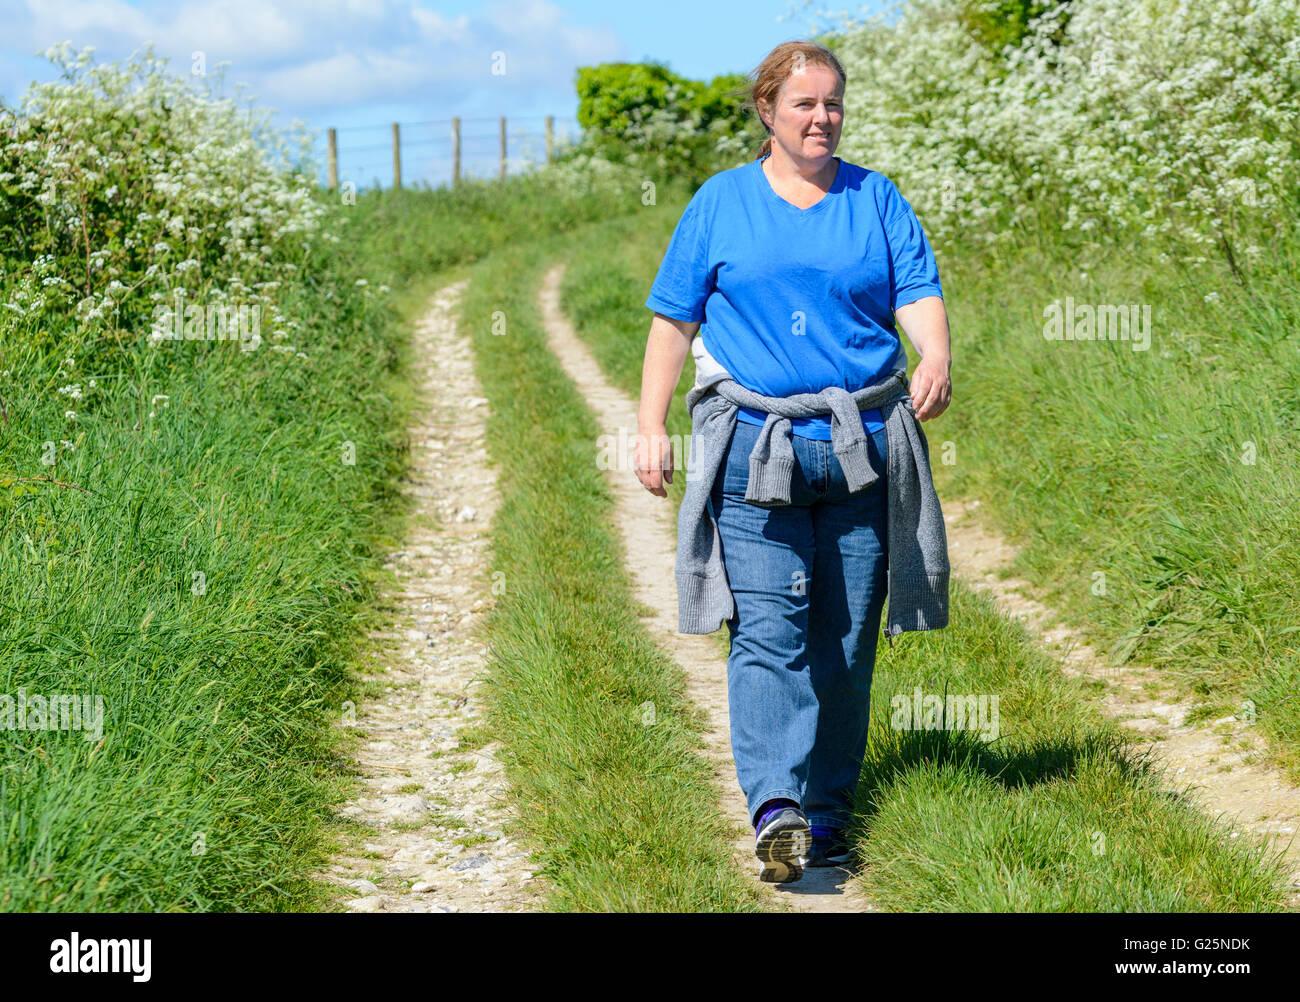 Gewichtsverlust. Frau mittleren Alters auf einem Feldweg, der im Sommer. Gesund leben. Gesunde Lebensweise. Immer Stockbild